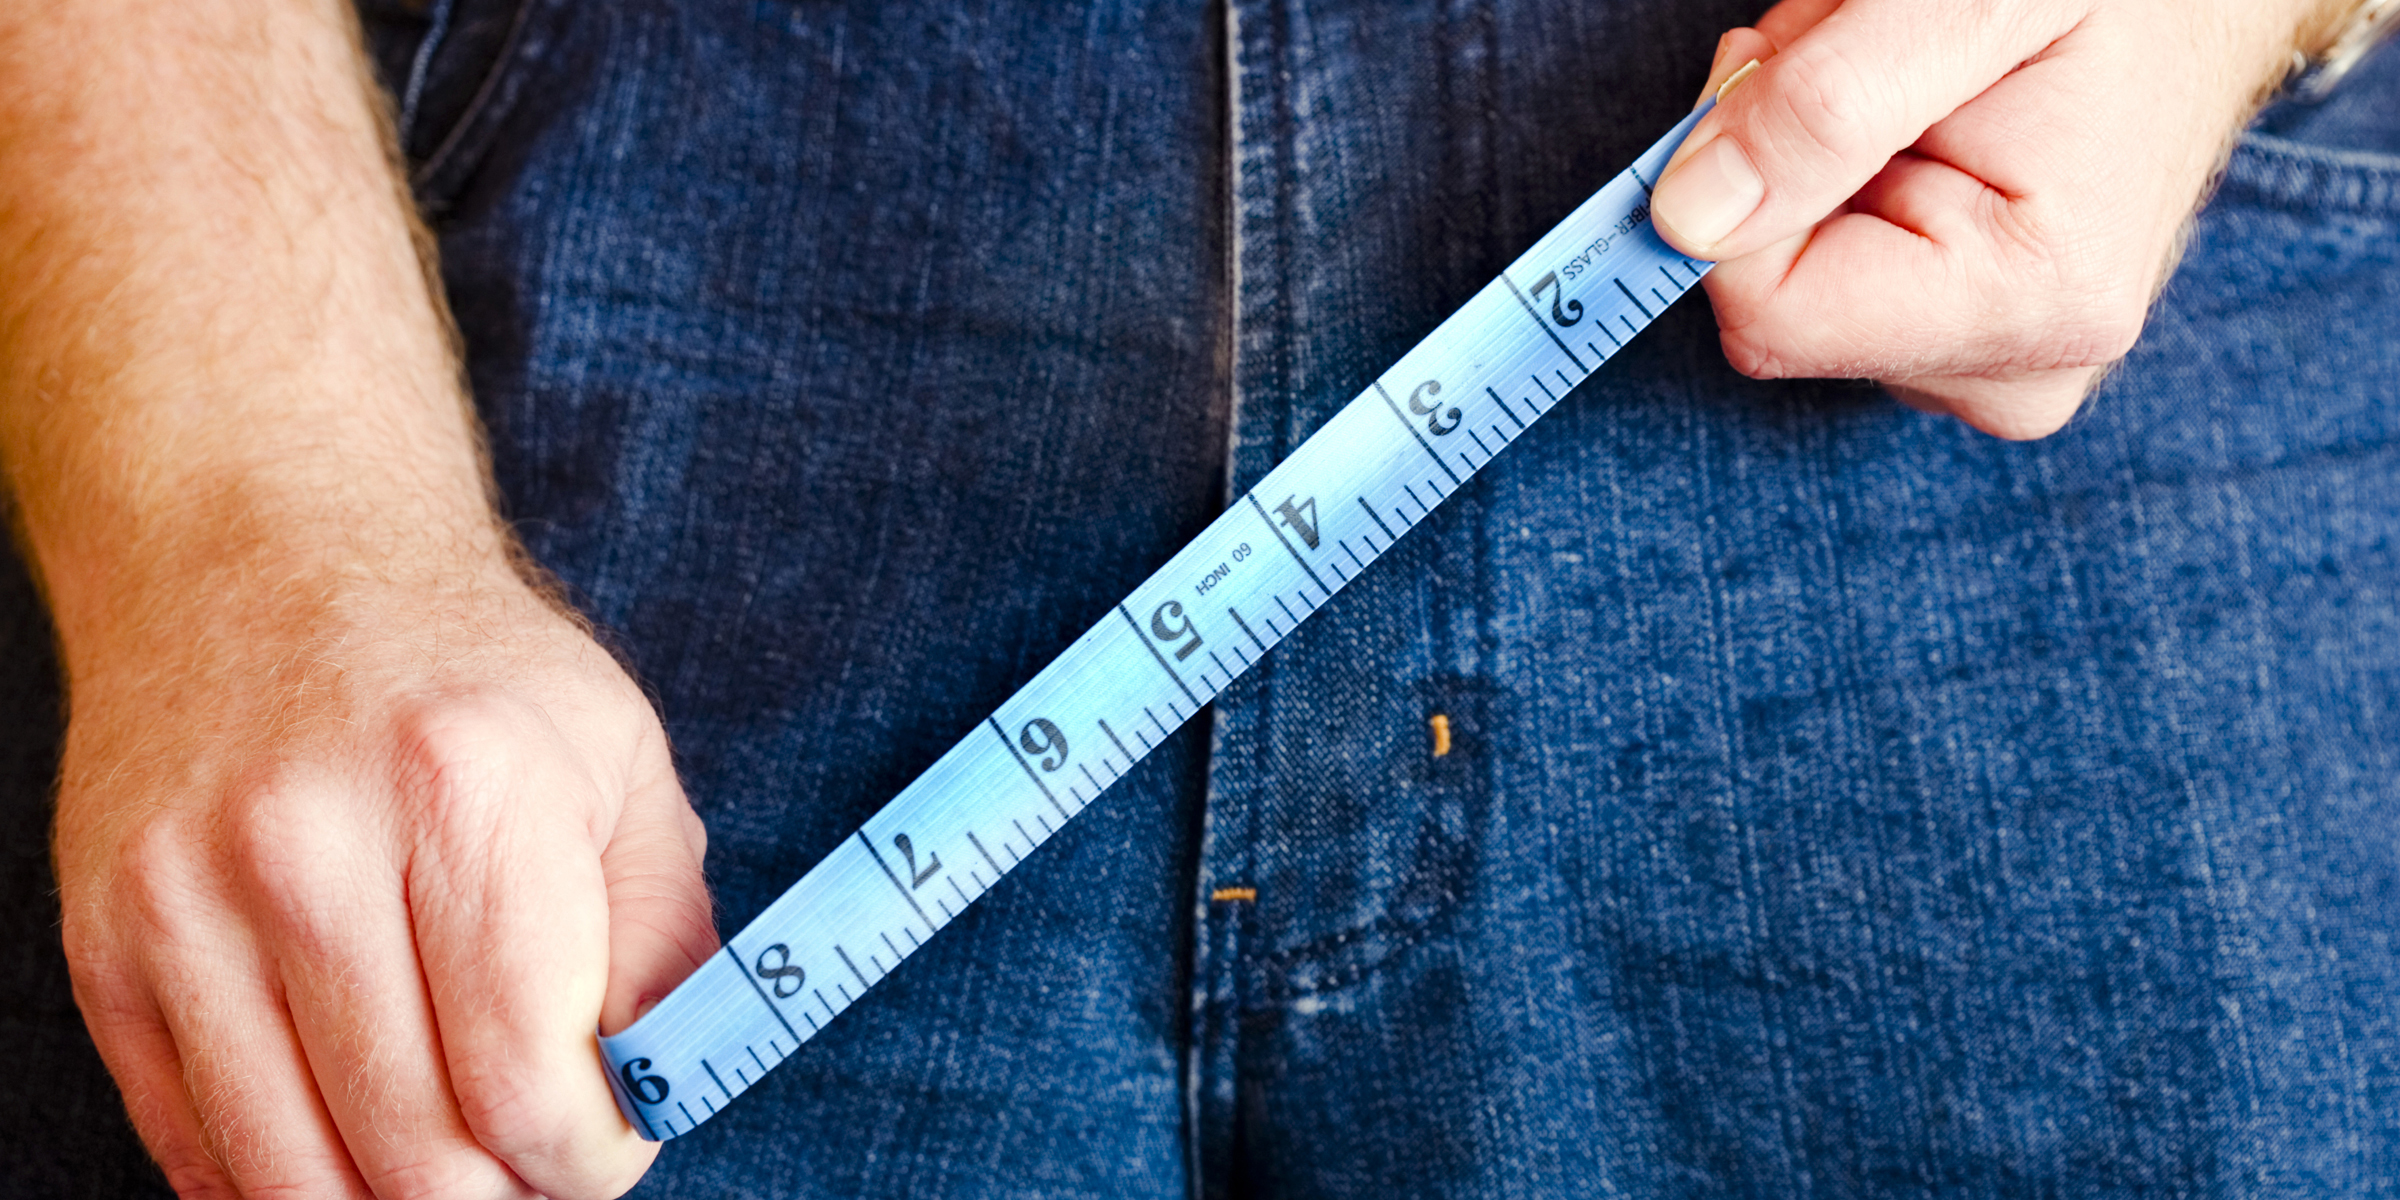 átlagos méretű péniszátmérő